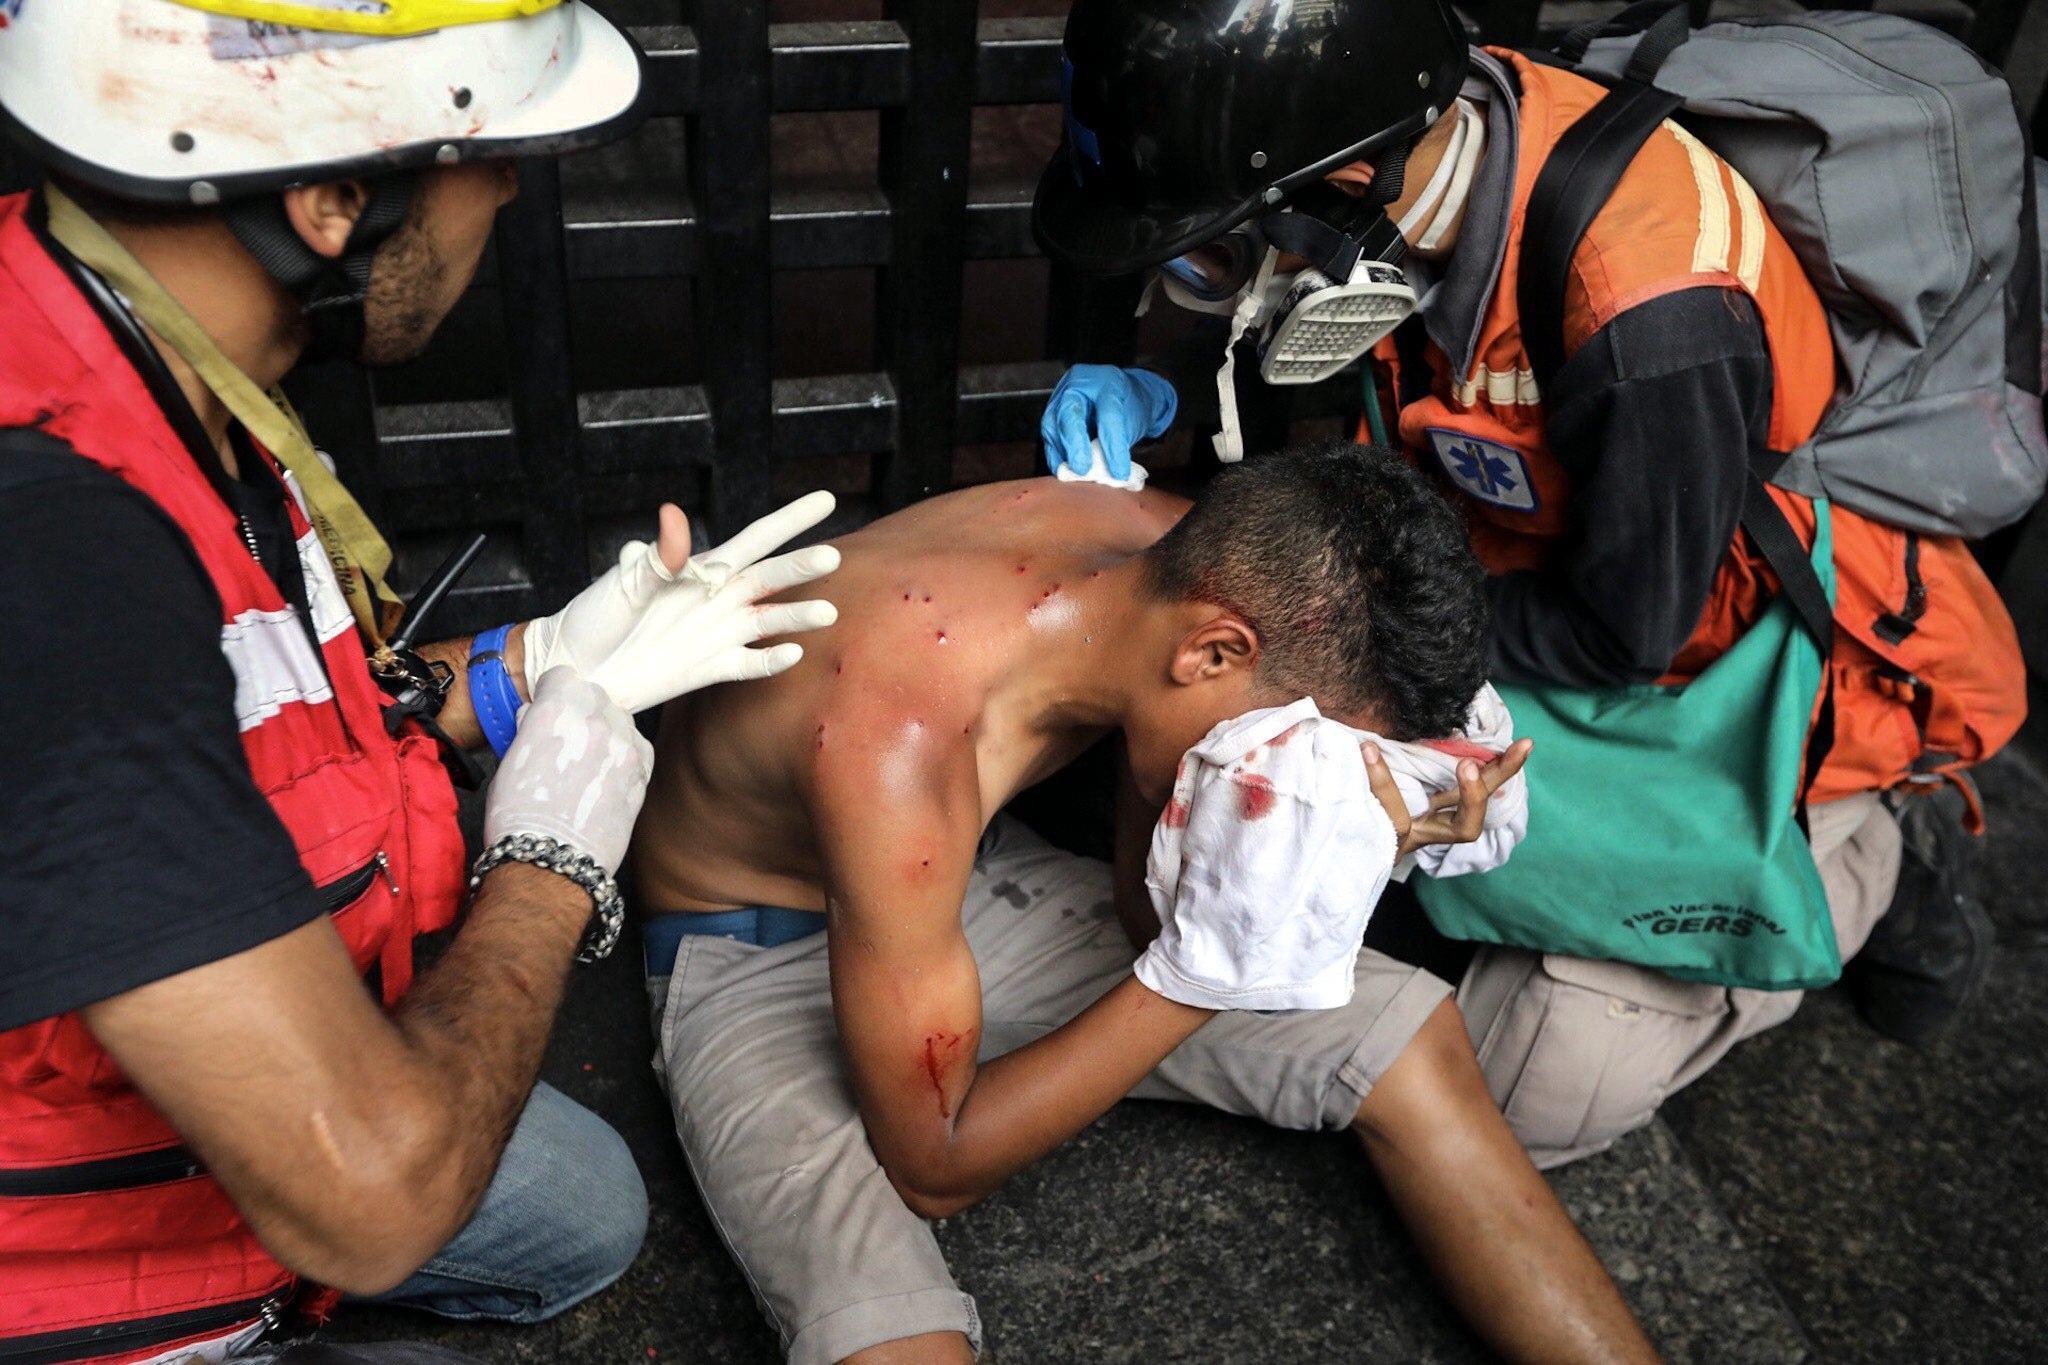 Protesters clash in Venezuela